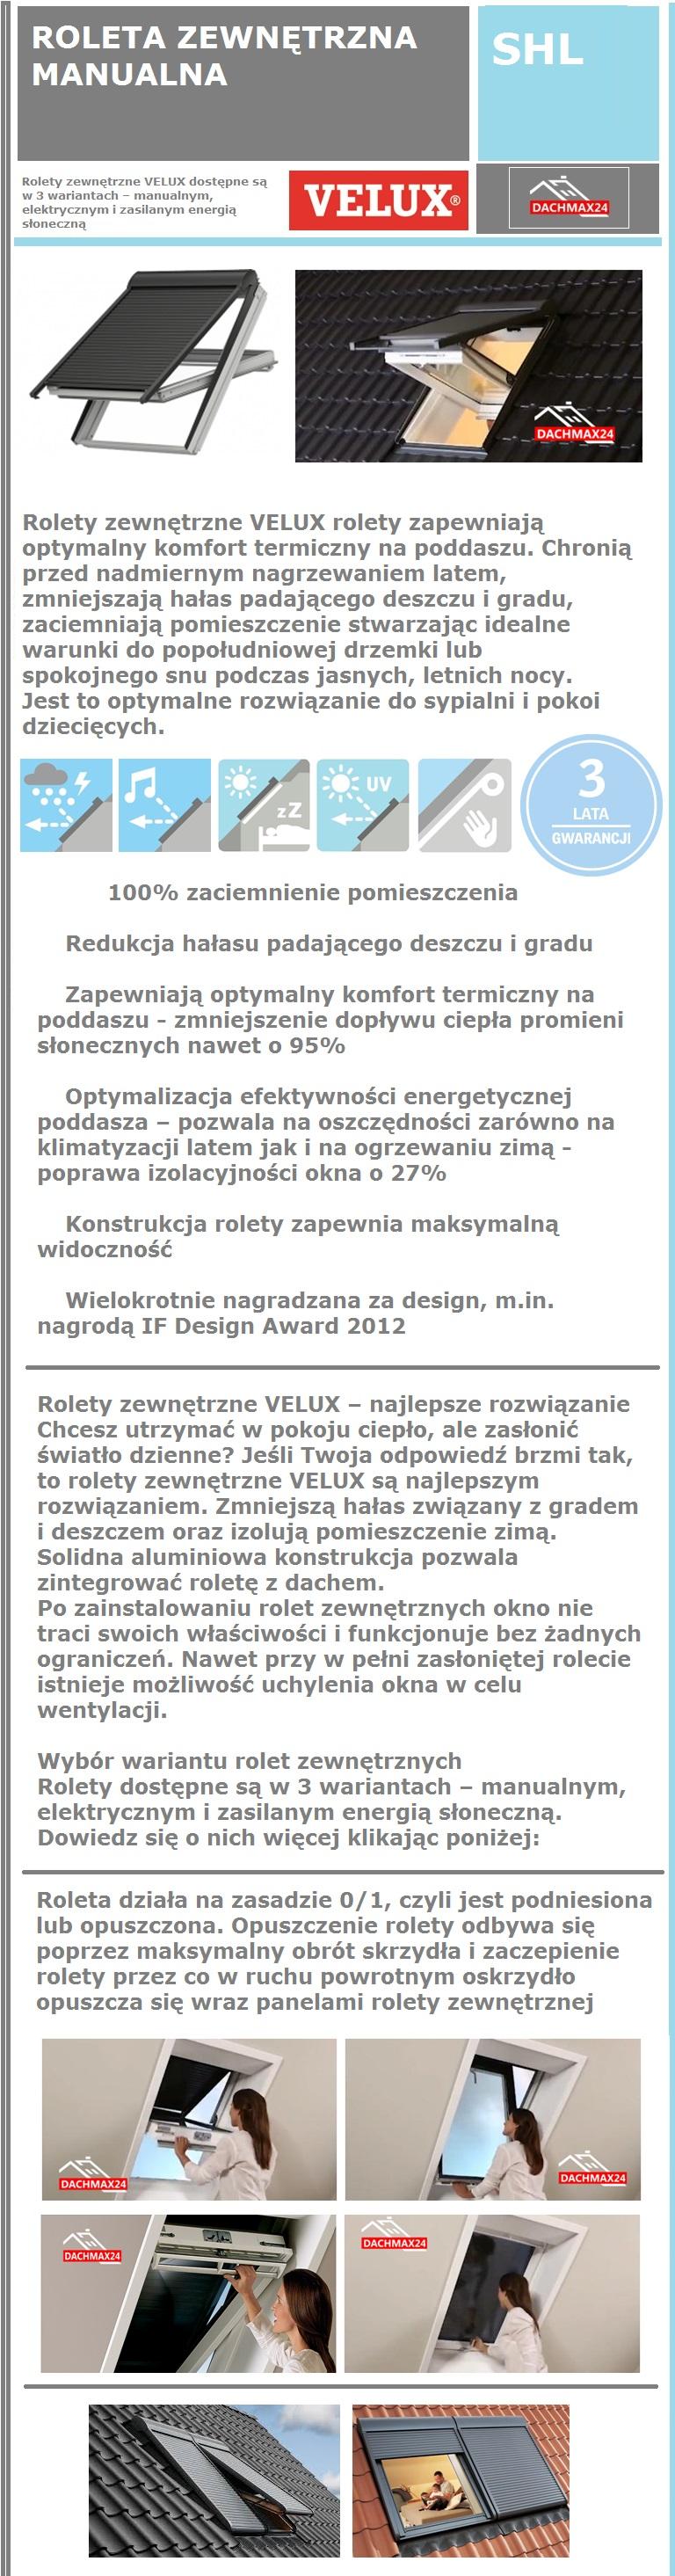 Roleta zewnętrzna obrotowa Velux SHL